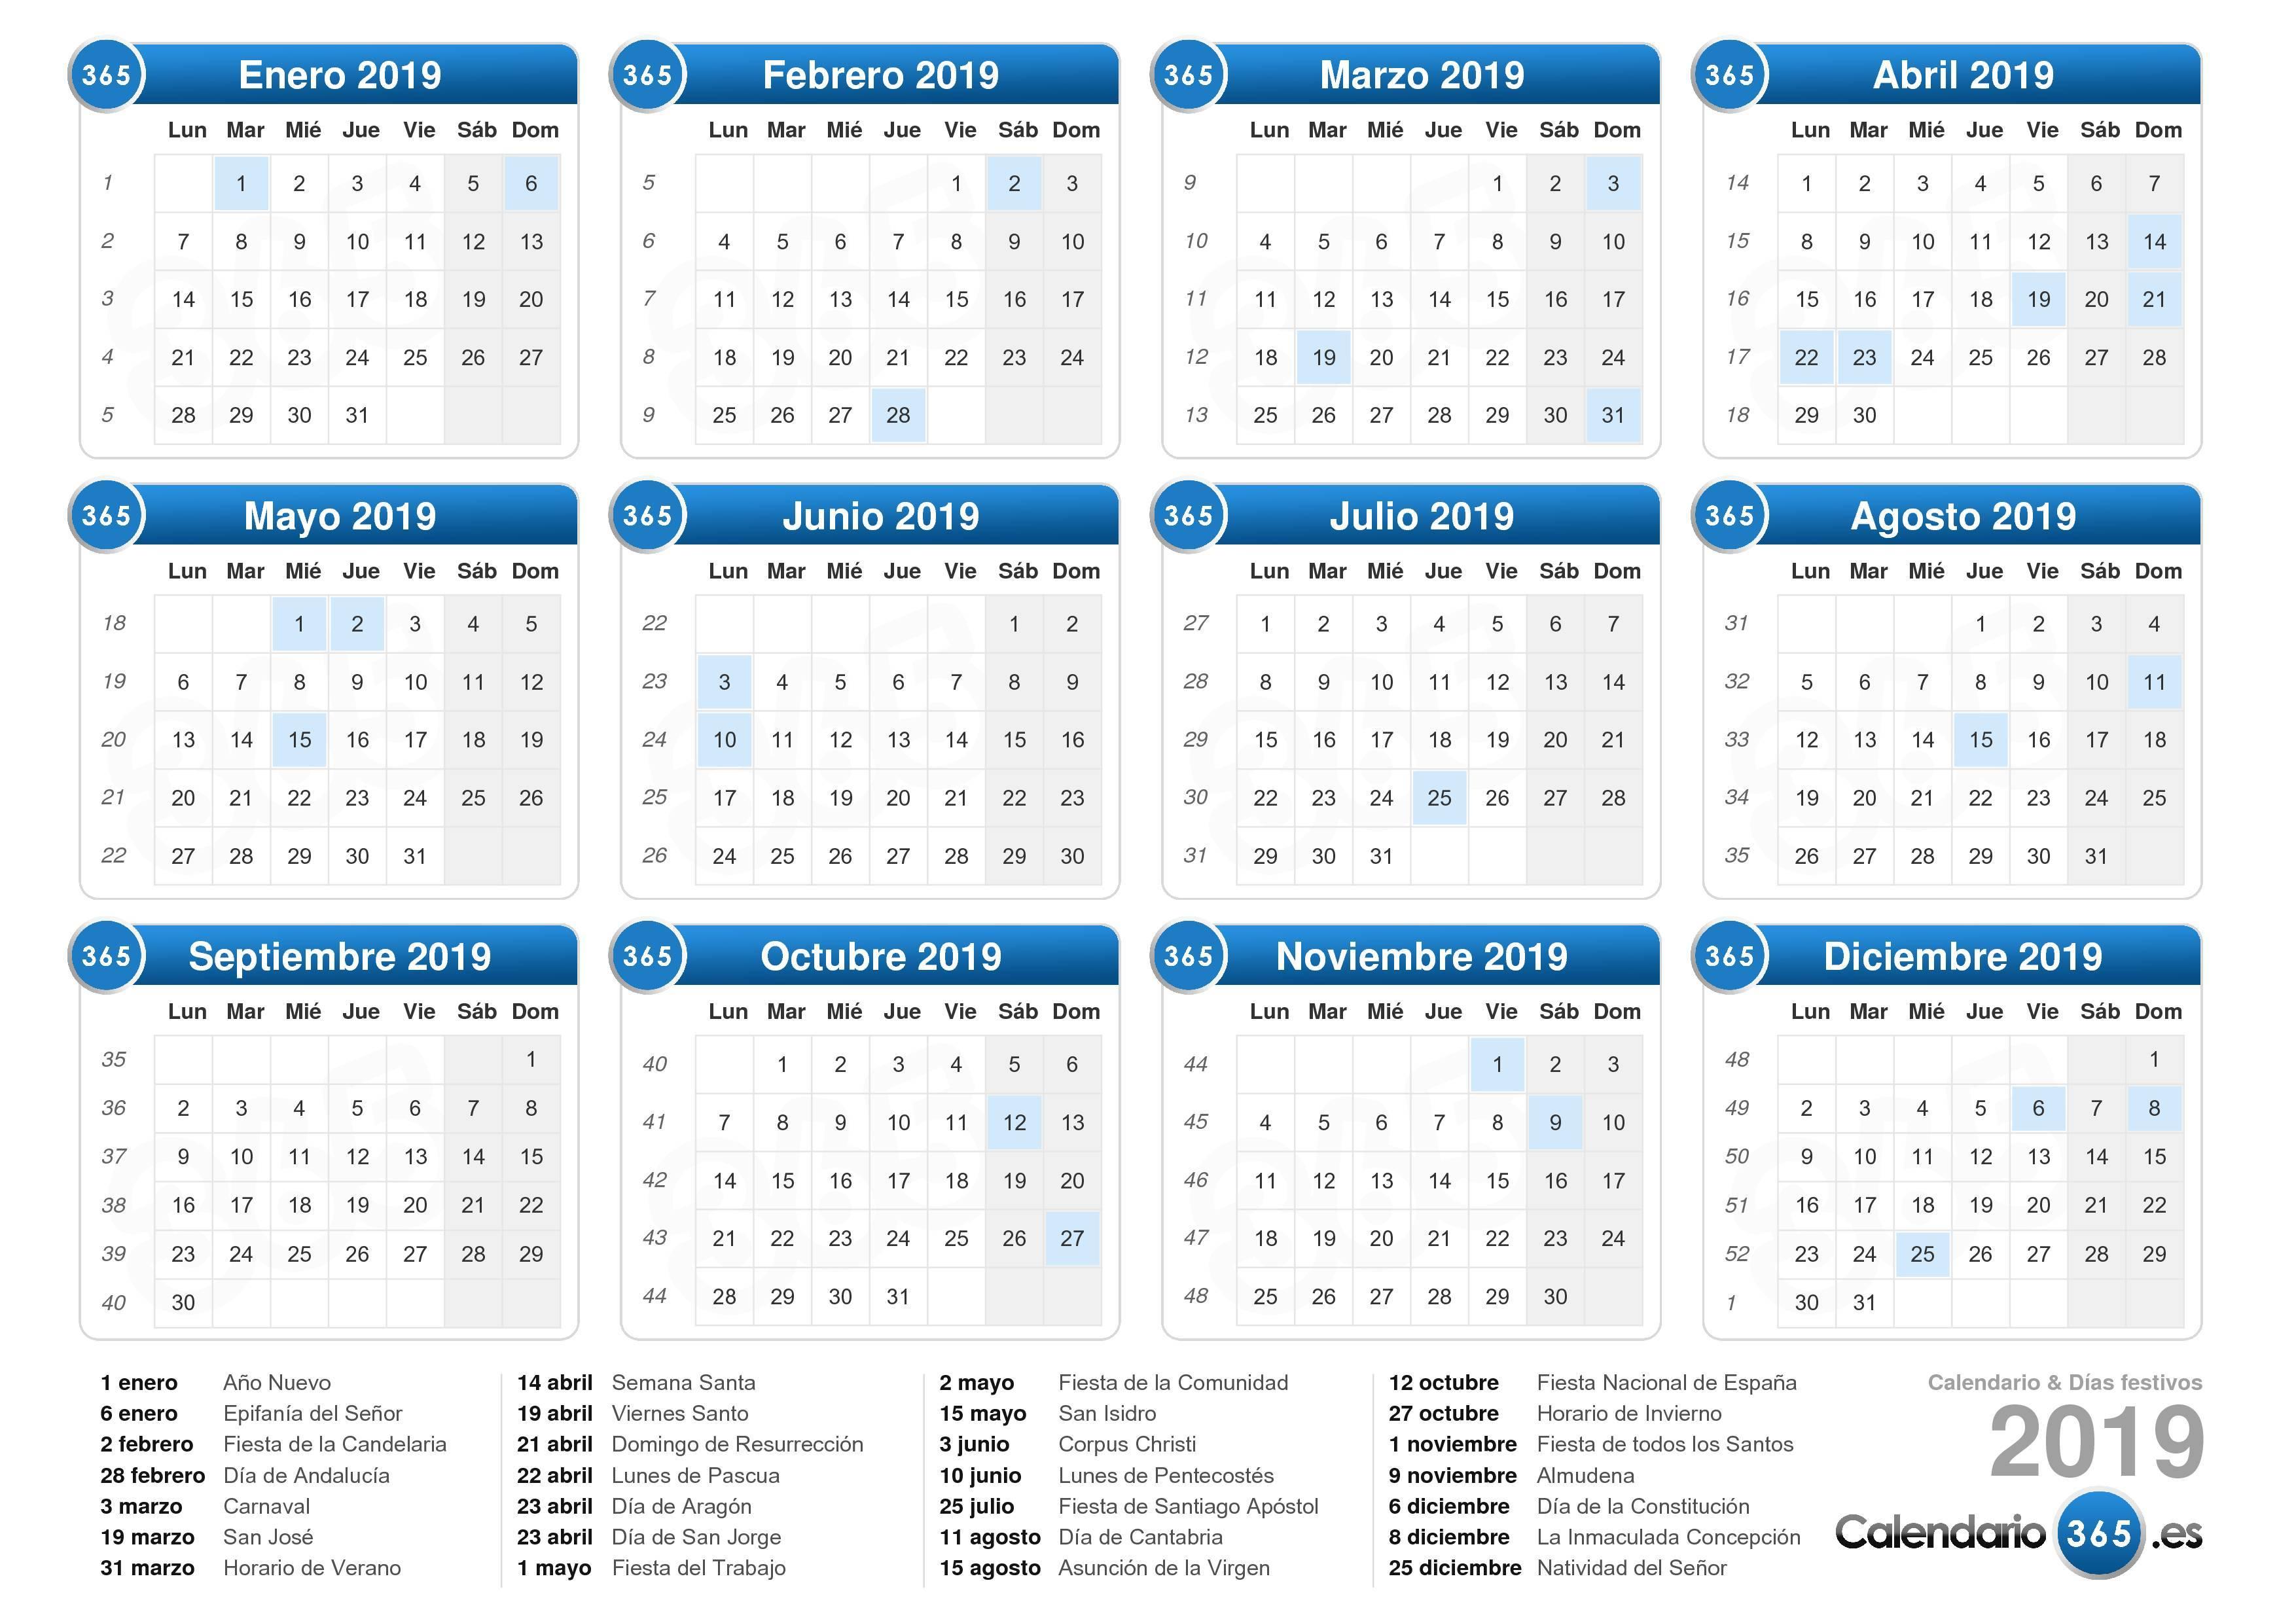 Calendario Noviembre 2019.Calendario 2019